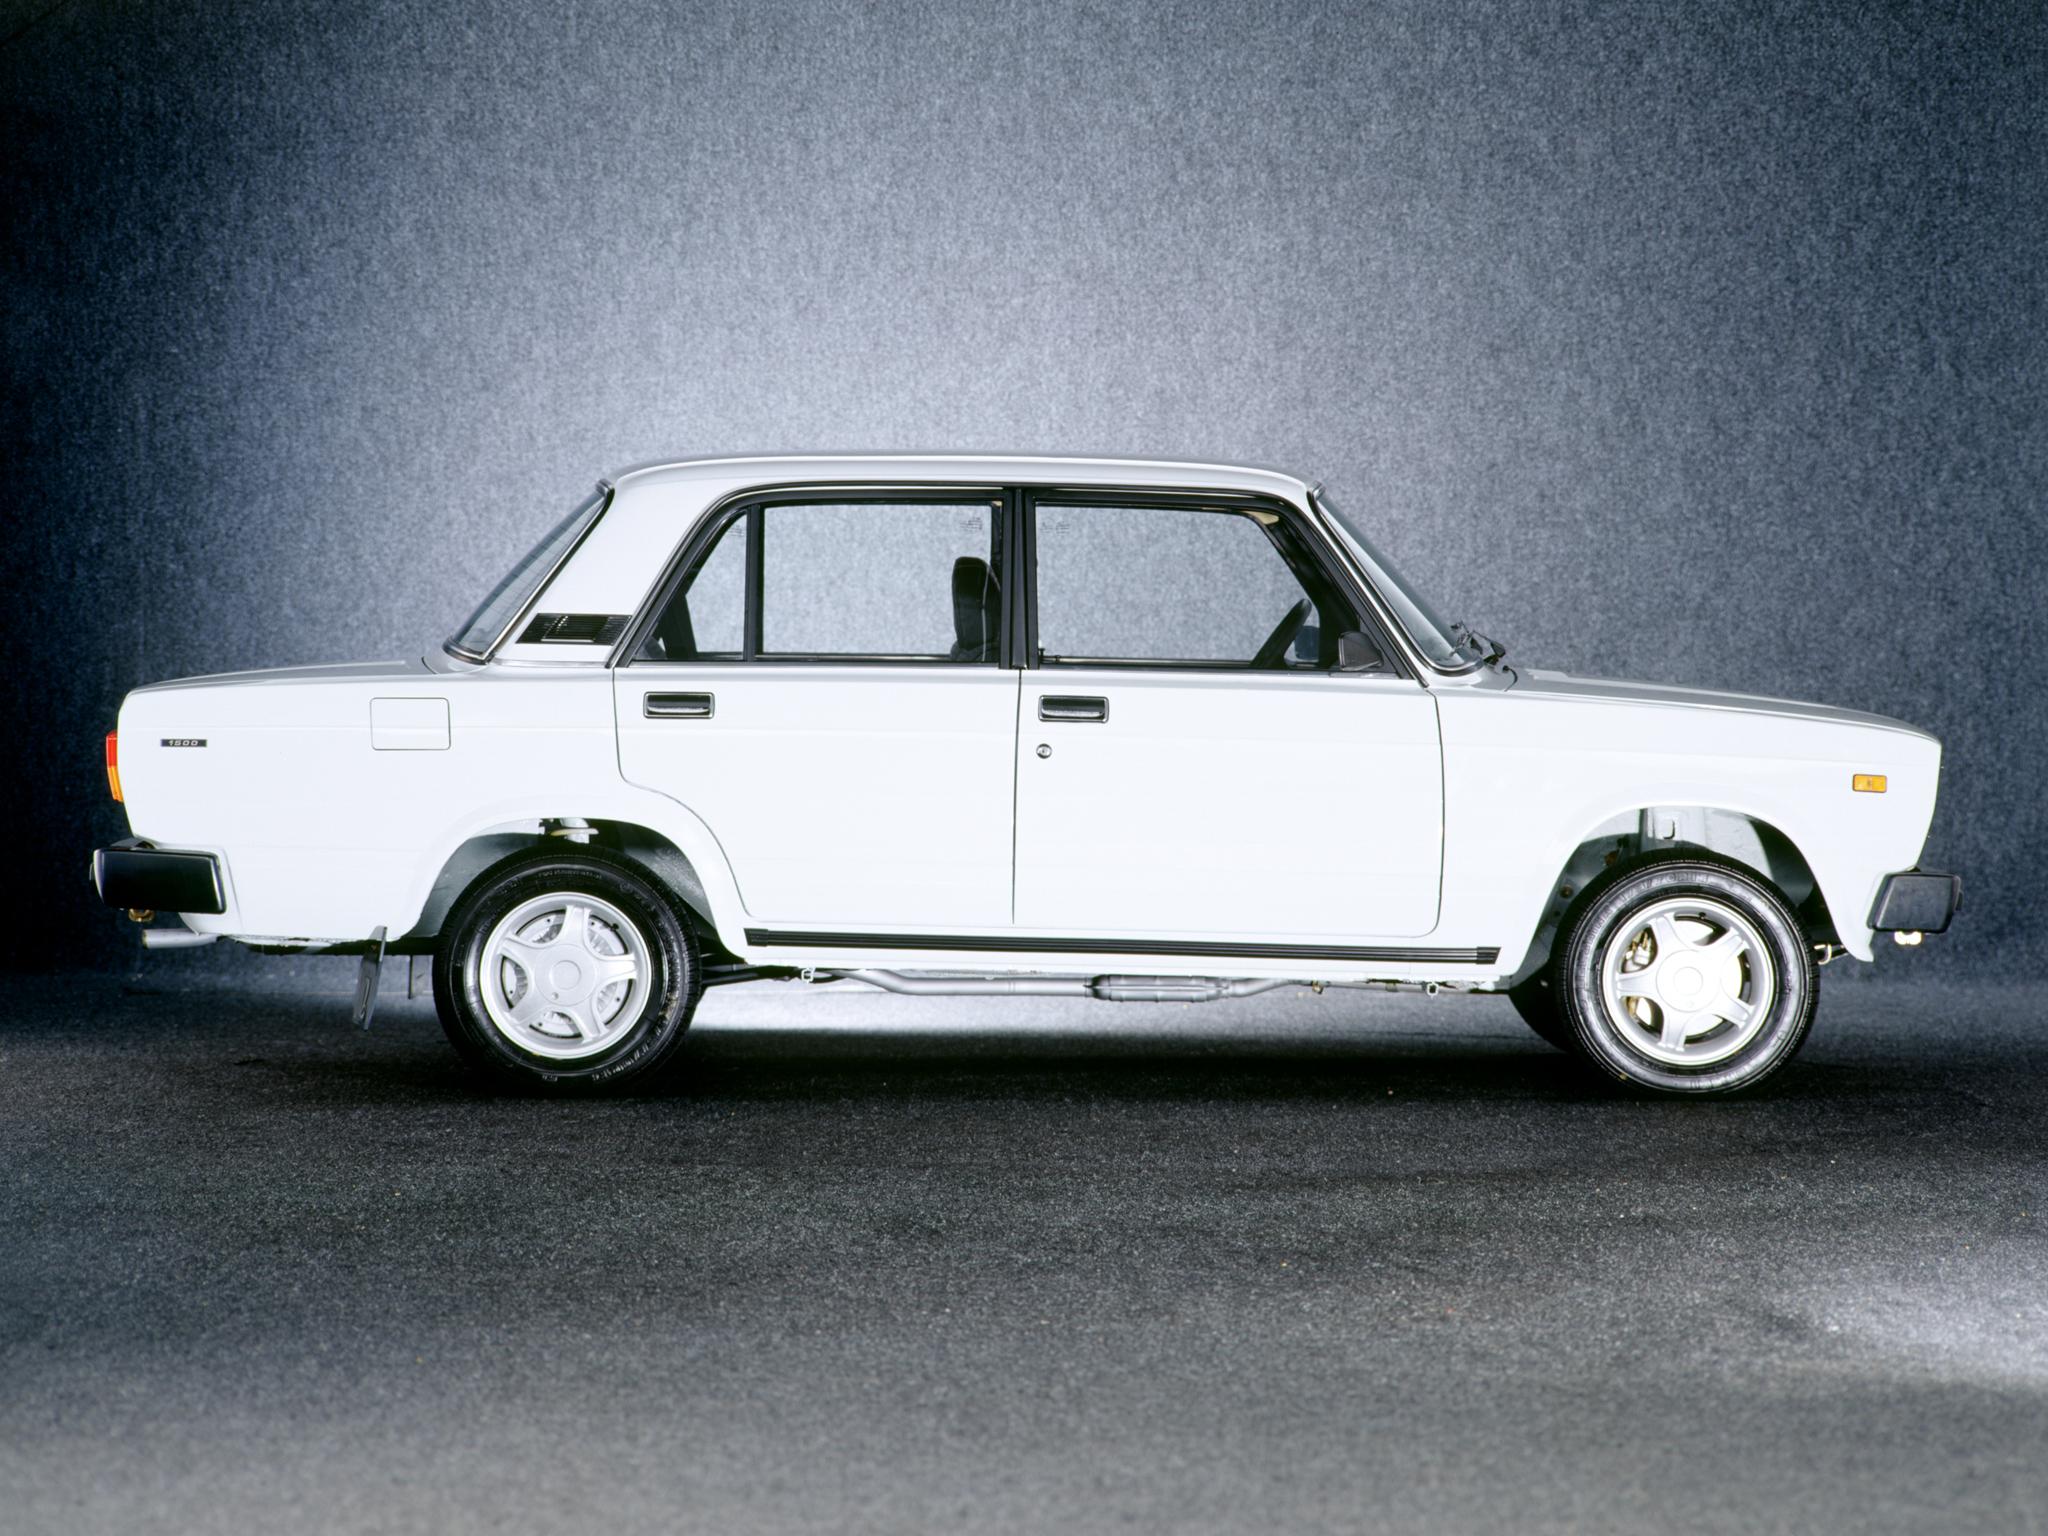 ... Lada 2105 Sedan 1979 ...